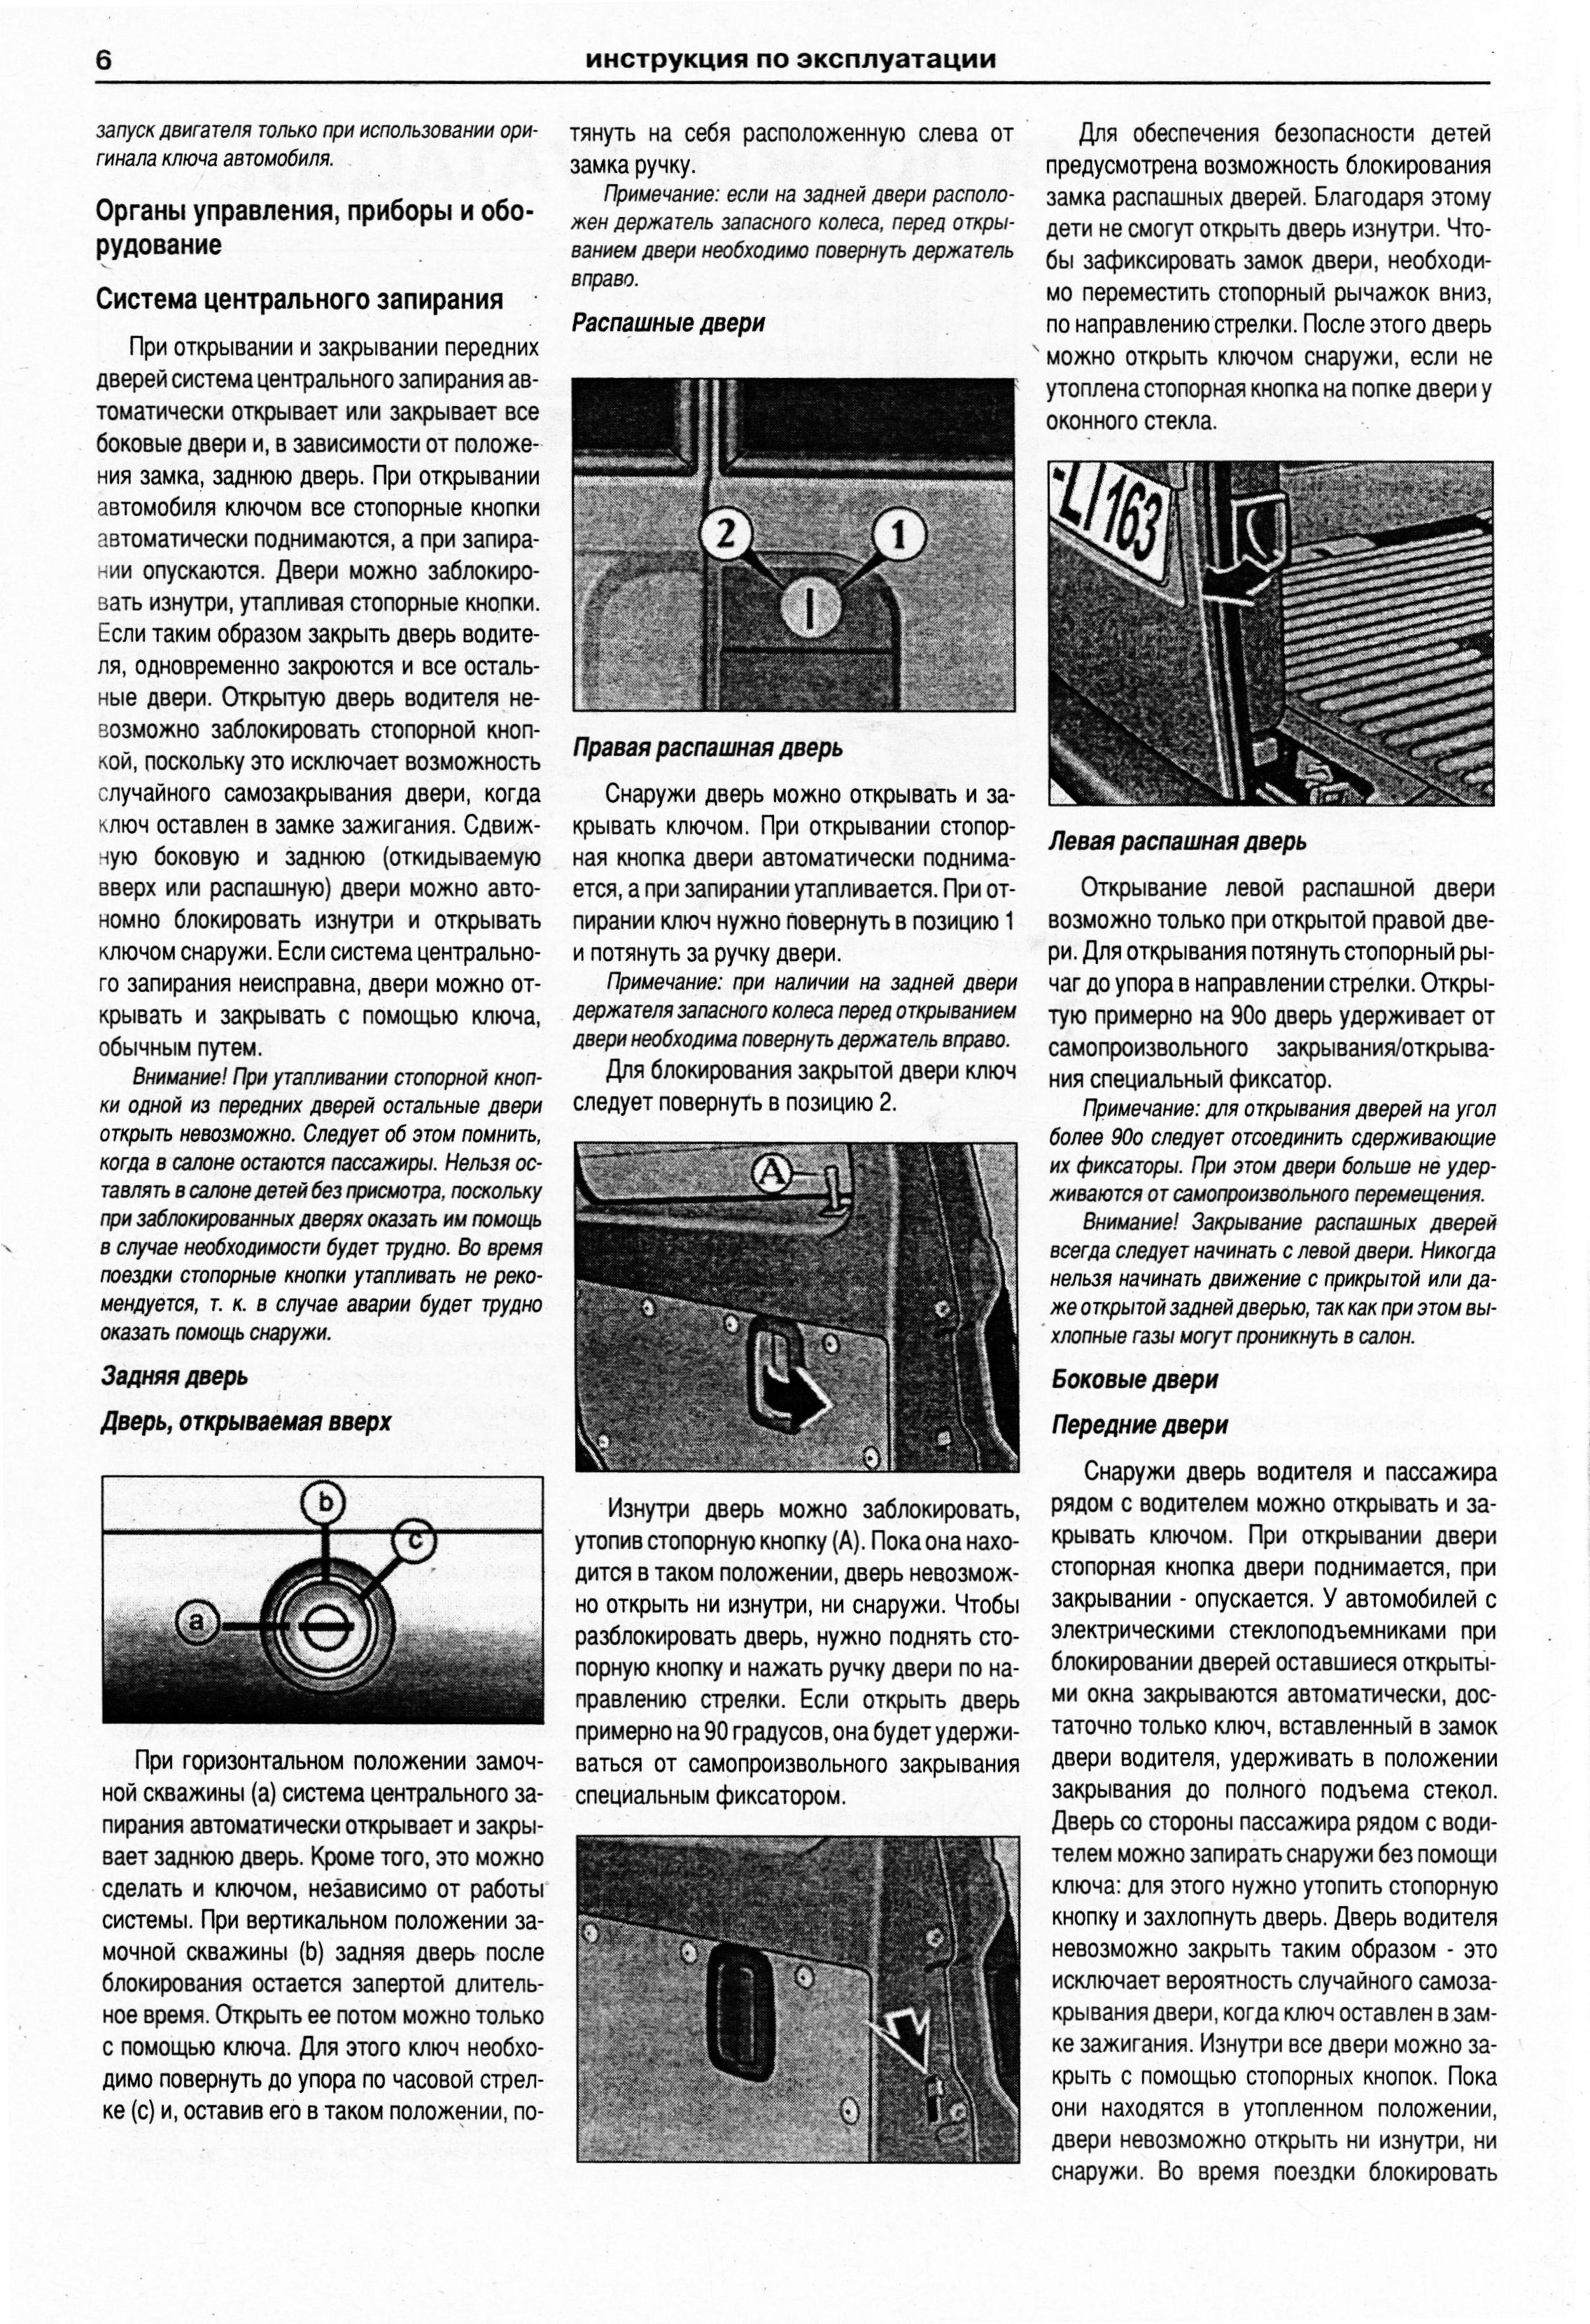 инструкция по эксплуатации фольксваген т4 дизель 1.9